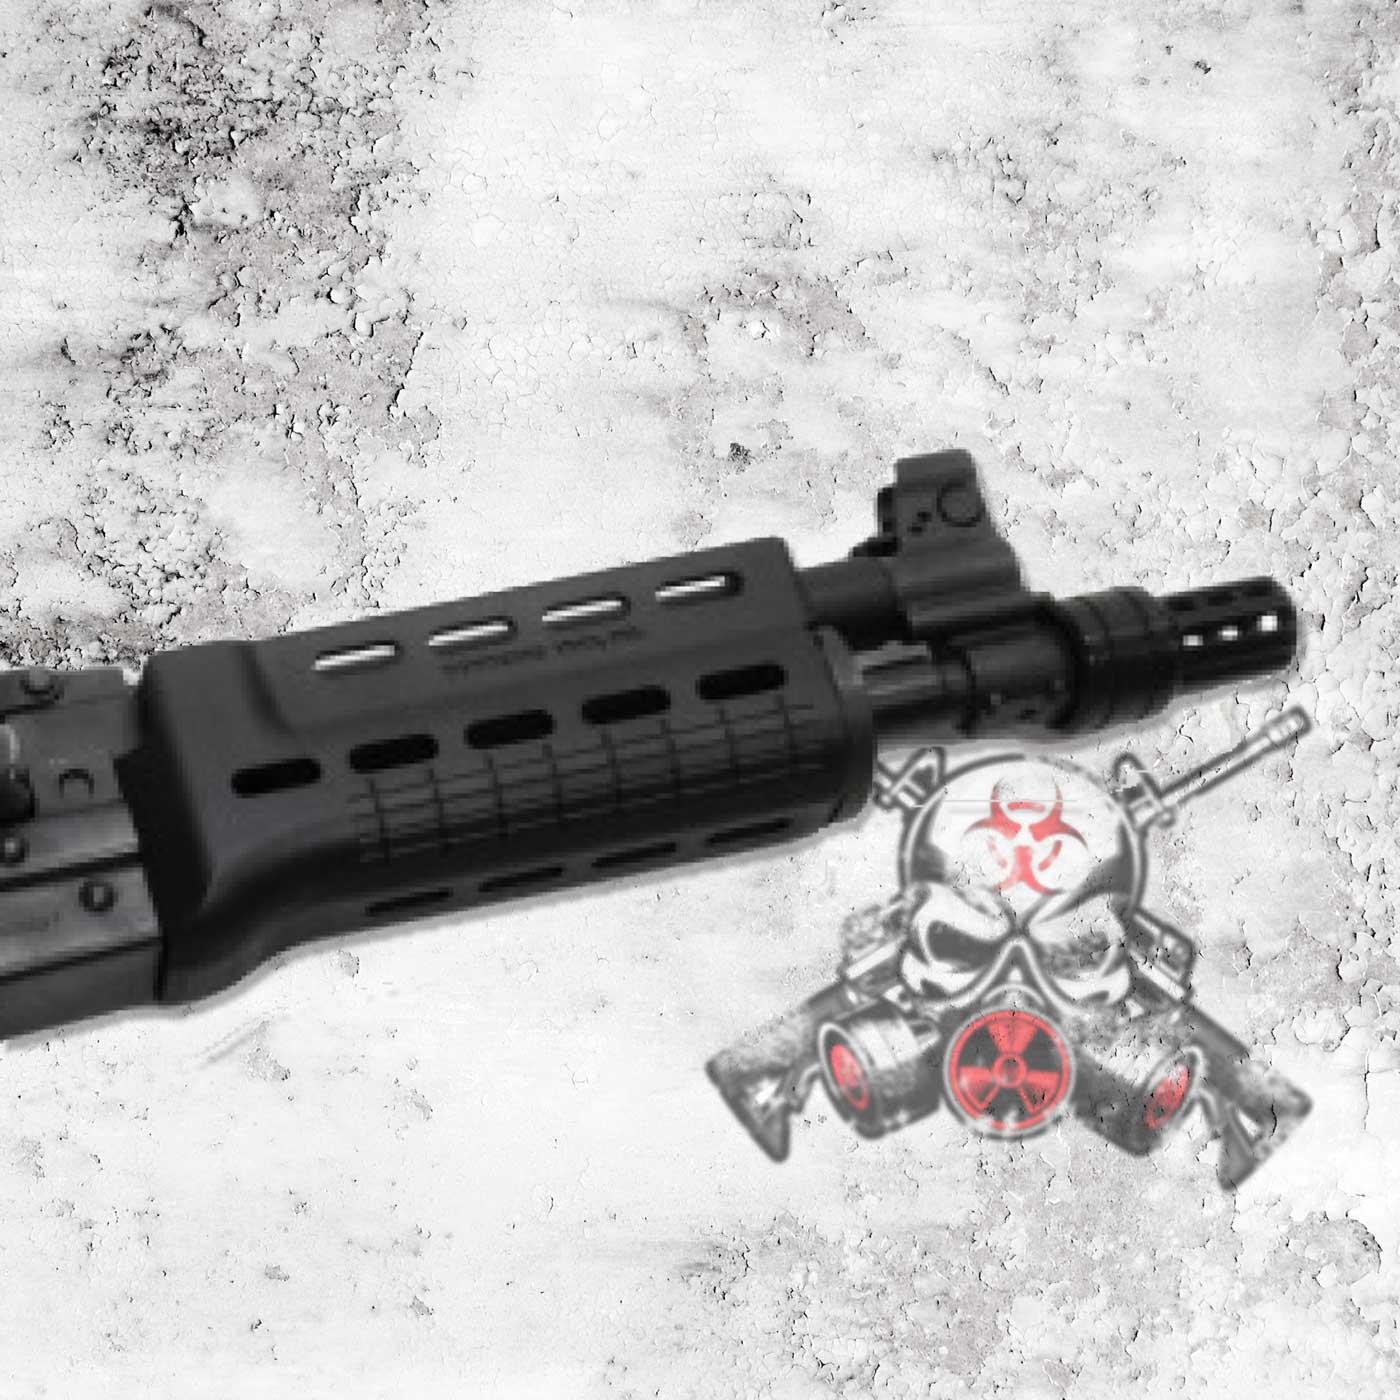 Renegade Forearm For Yugo Krinkov AK